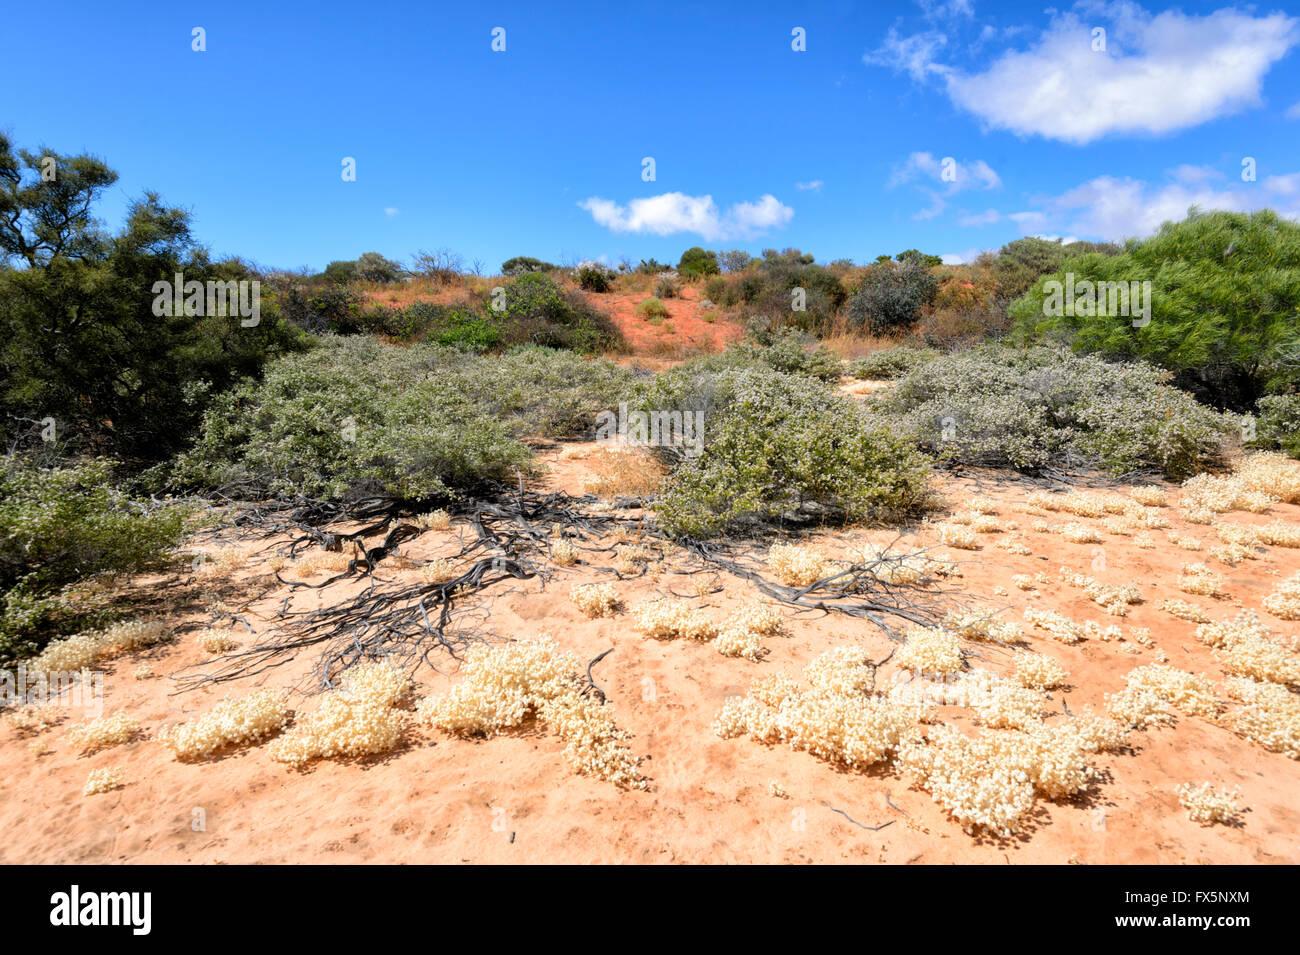 Vegetation der Nordwestküste von Western Australia, Australien Stockbild